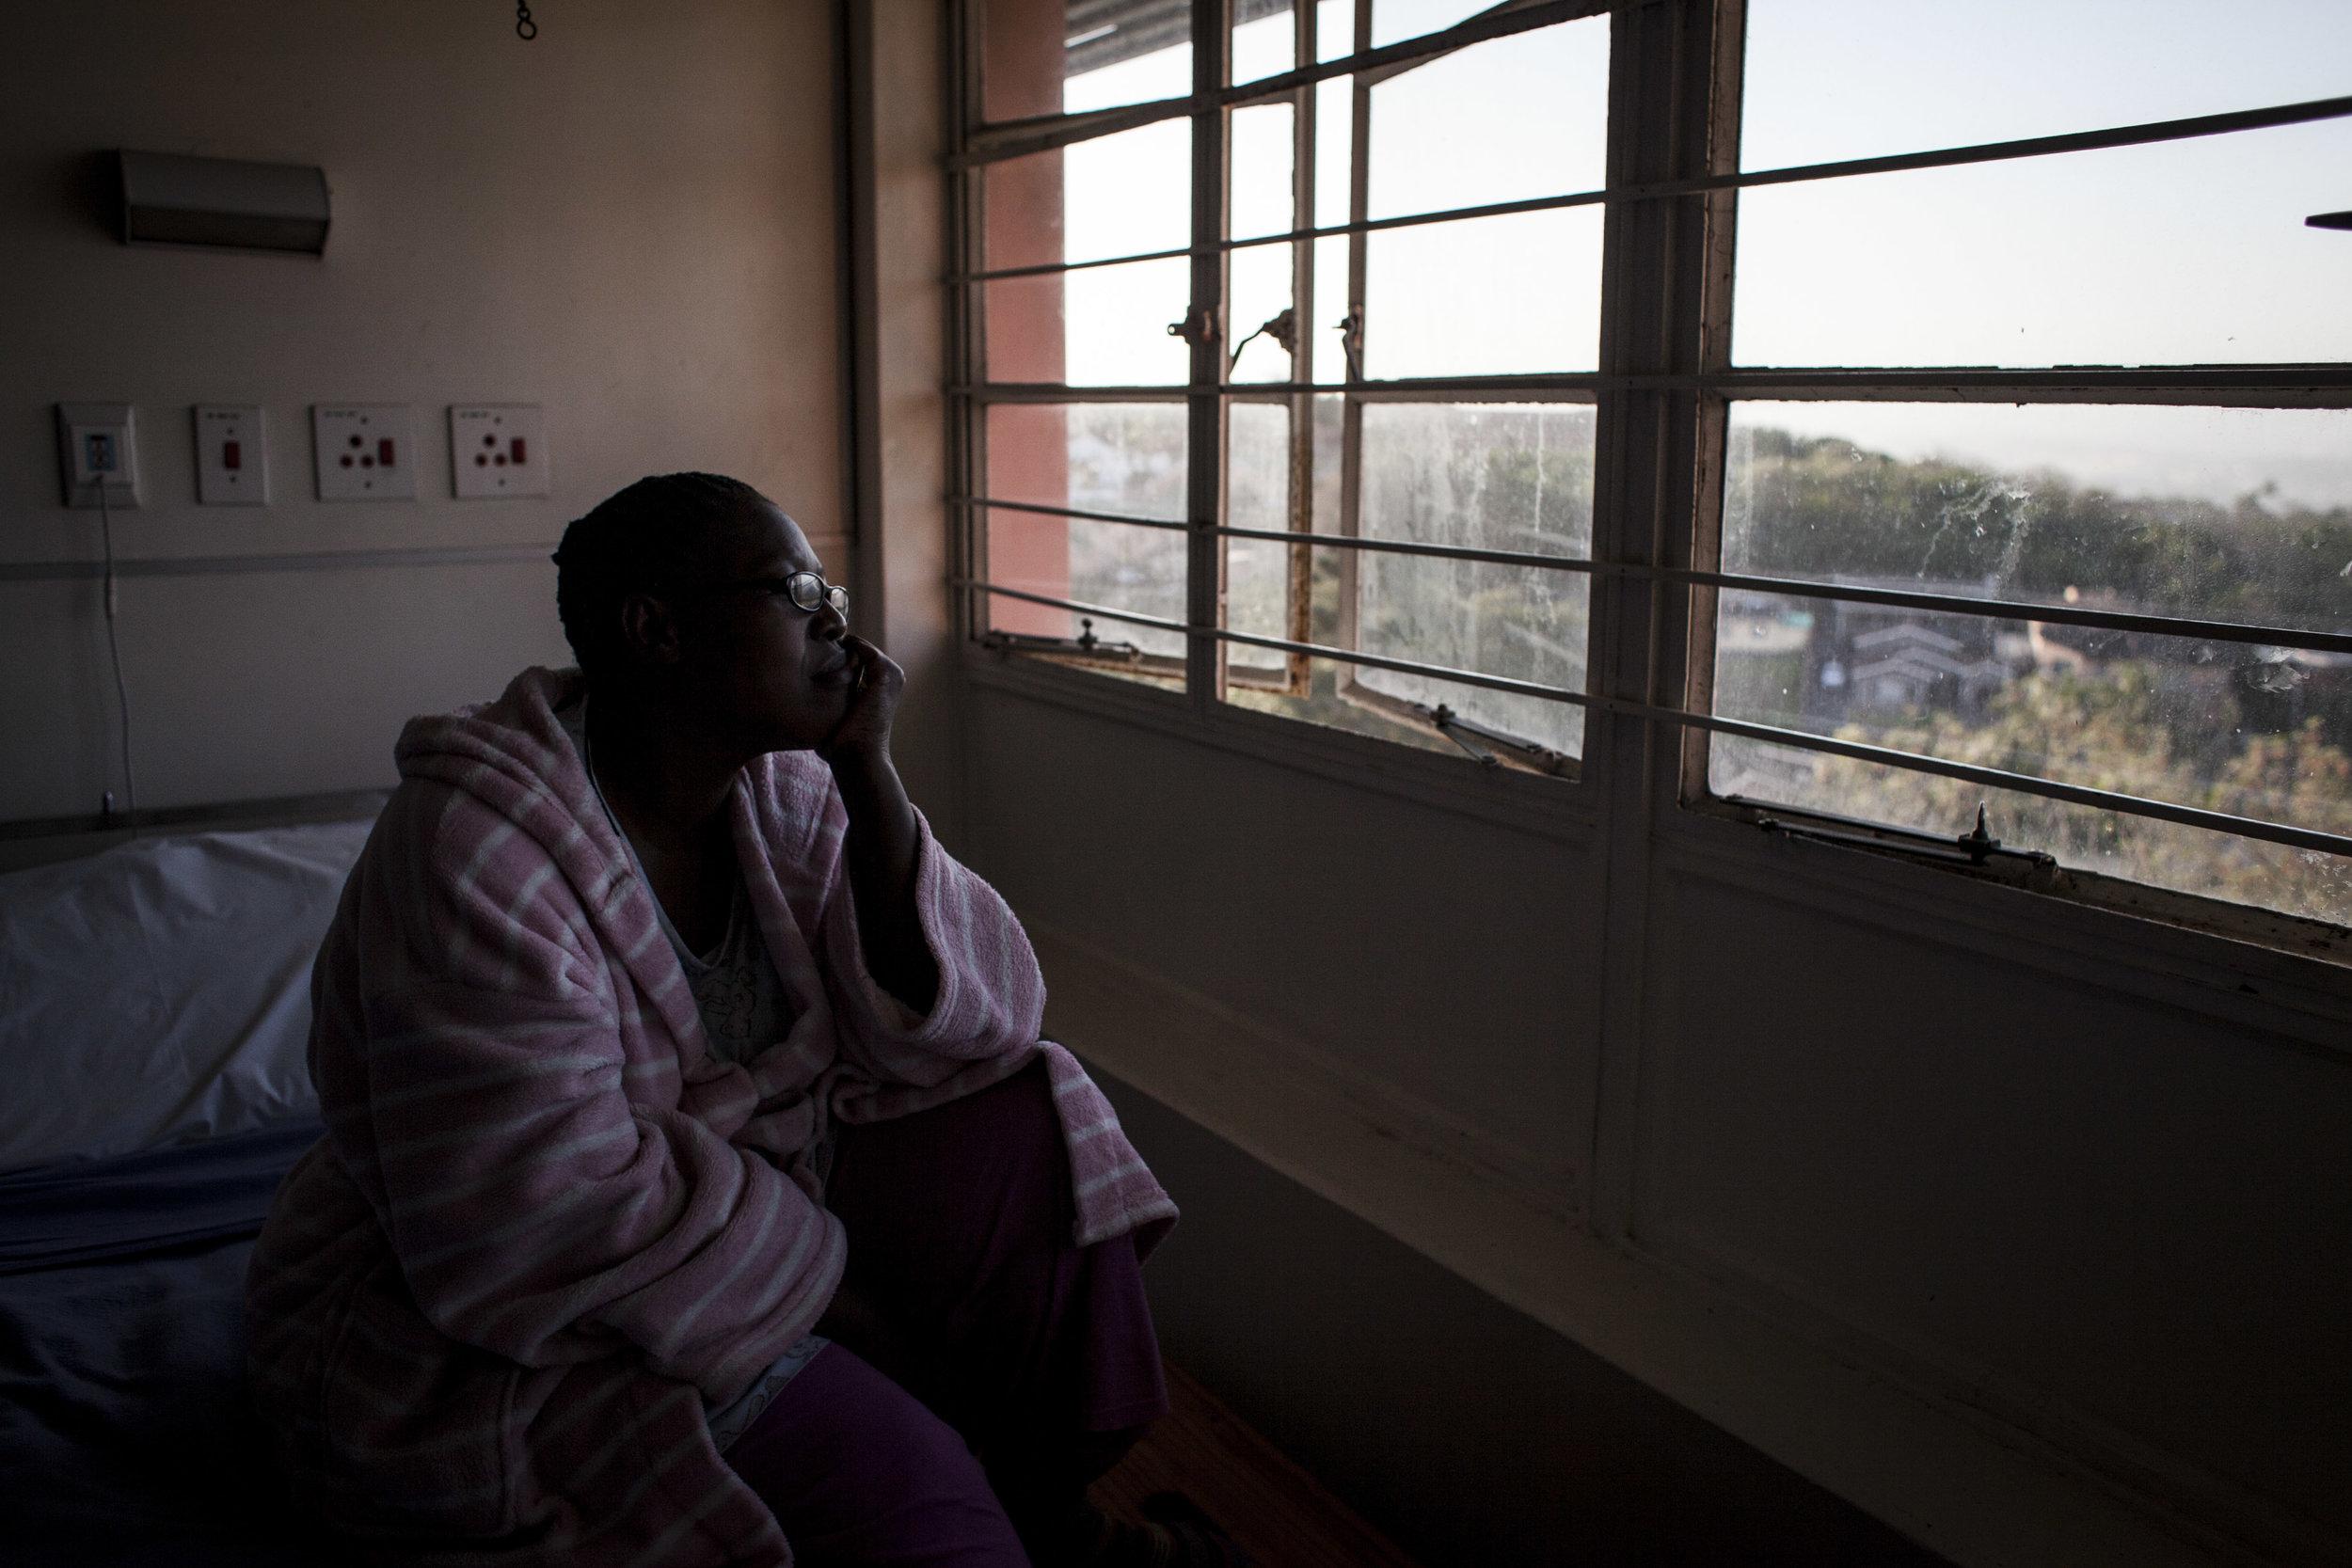 King_Dinuzulu_Hospital11.jpg